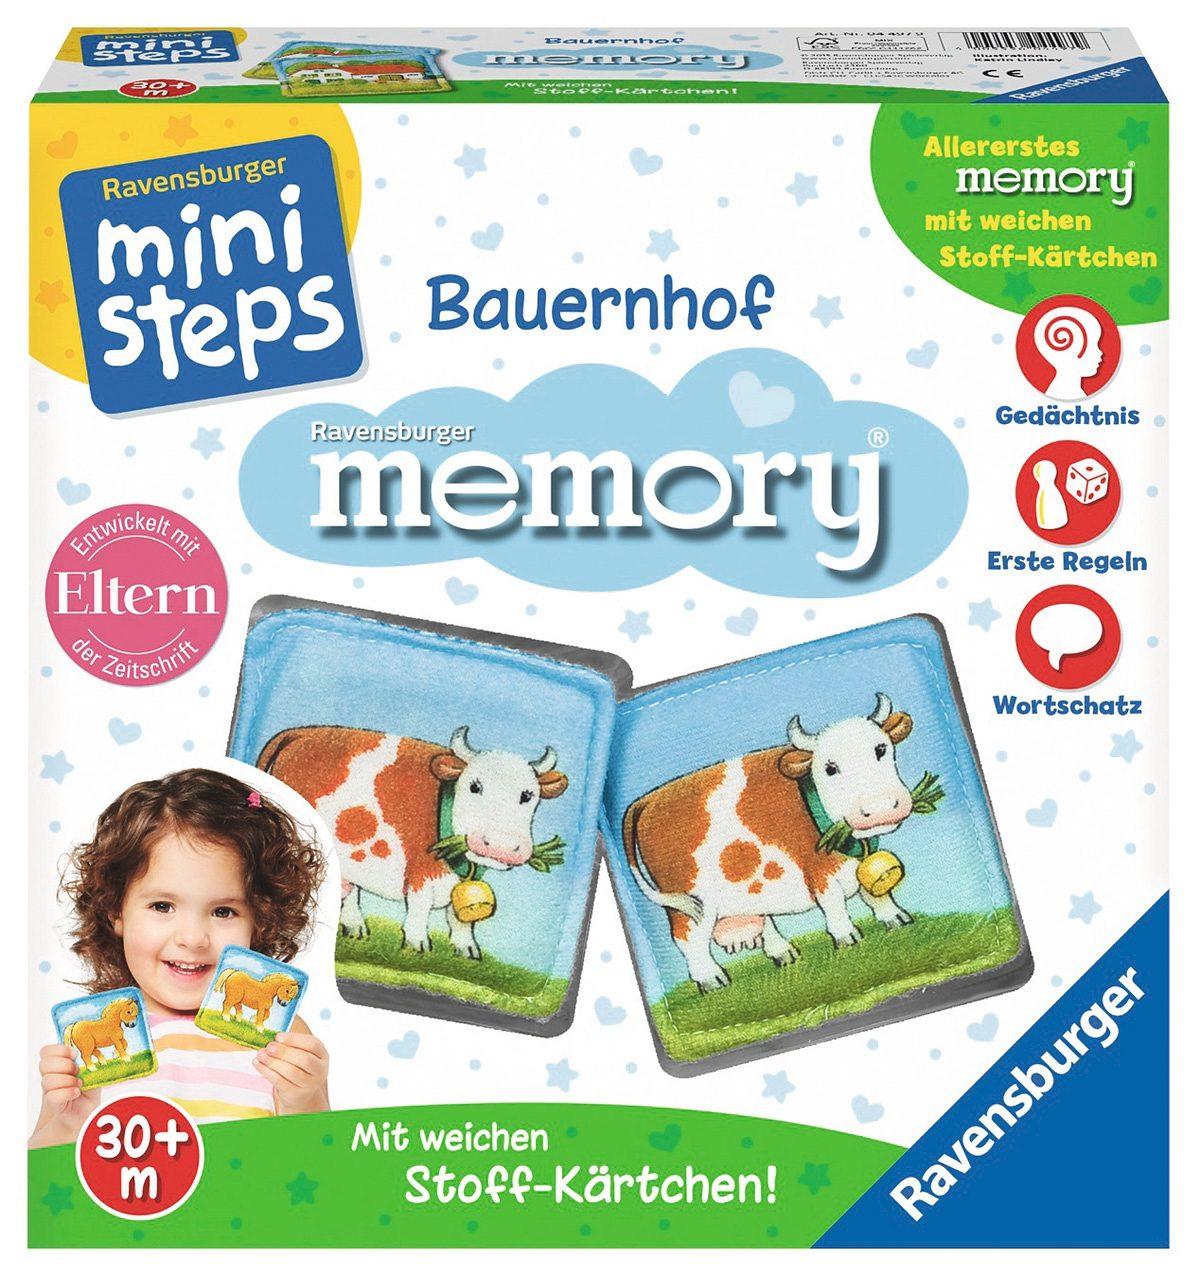 Ravensburger Memory, ministeps®, »Bauernhof memory®«